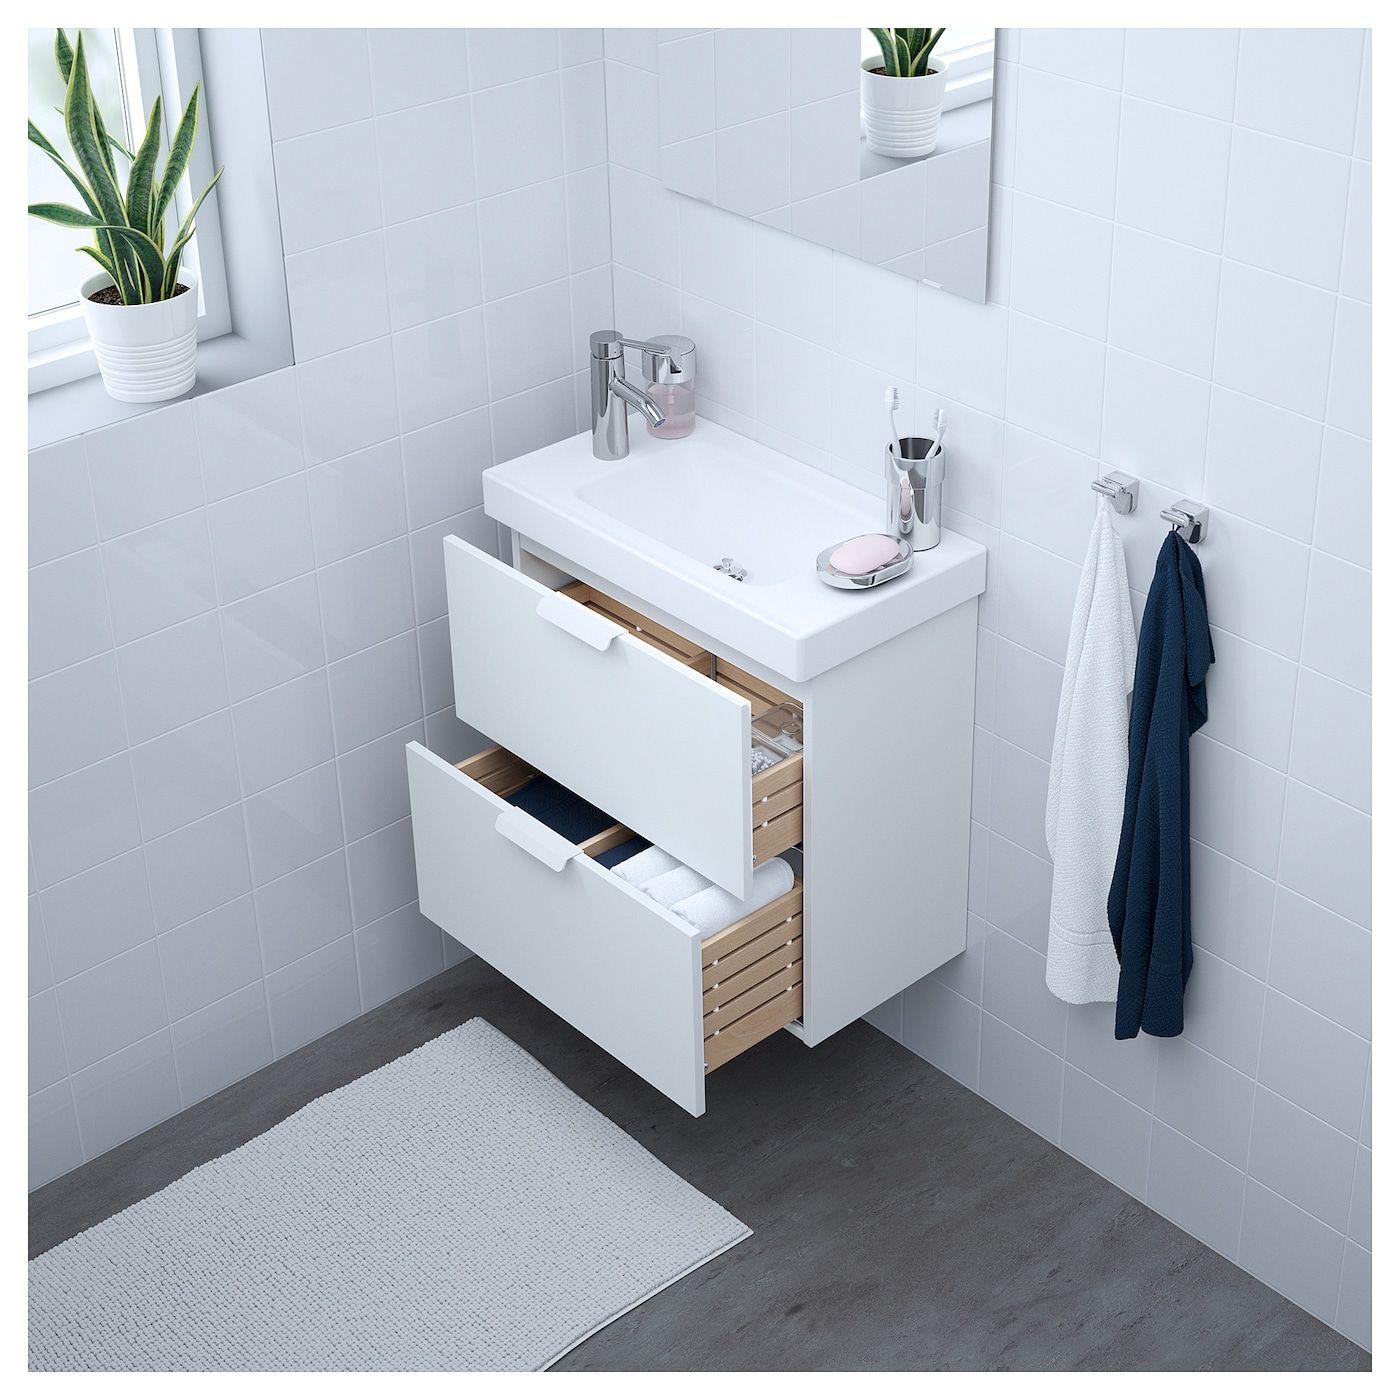 Mobilier Et Decoration Interieur Et Exterieur Meuble Lavabo Lavabo Lavabo A Poser